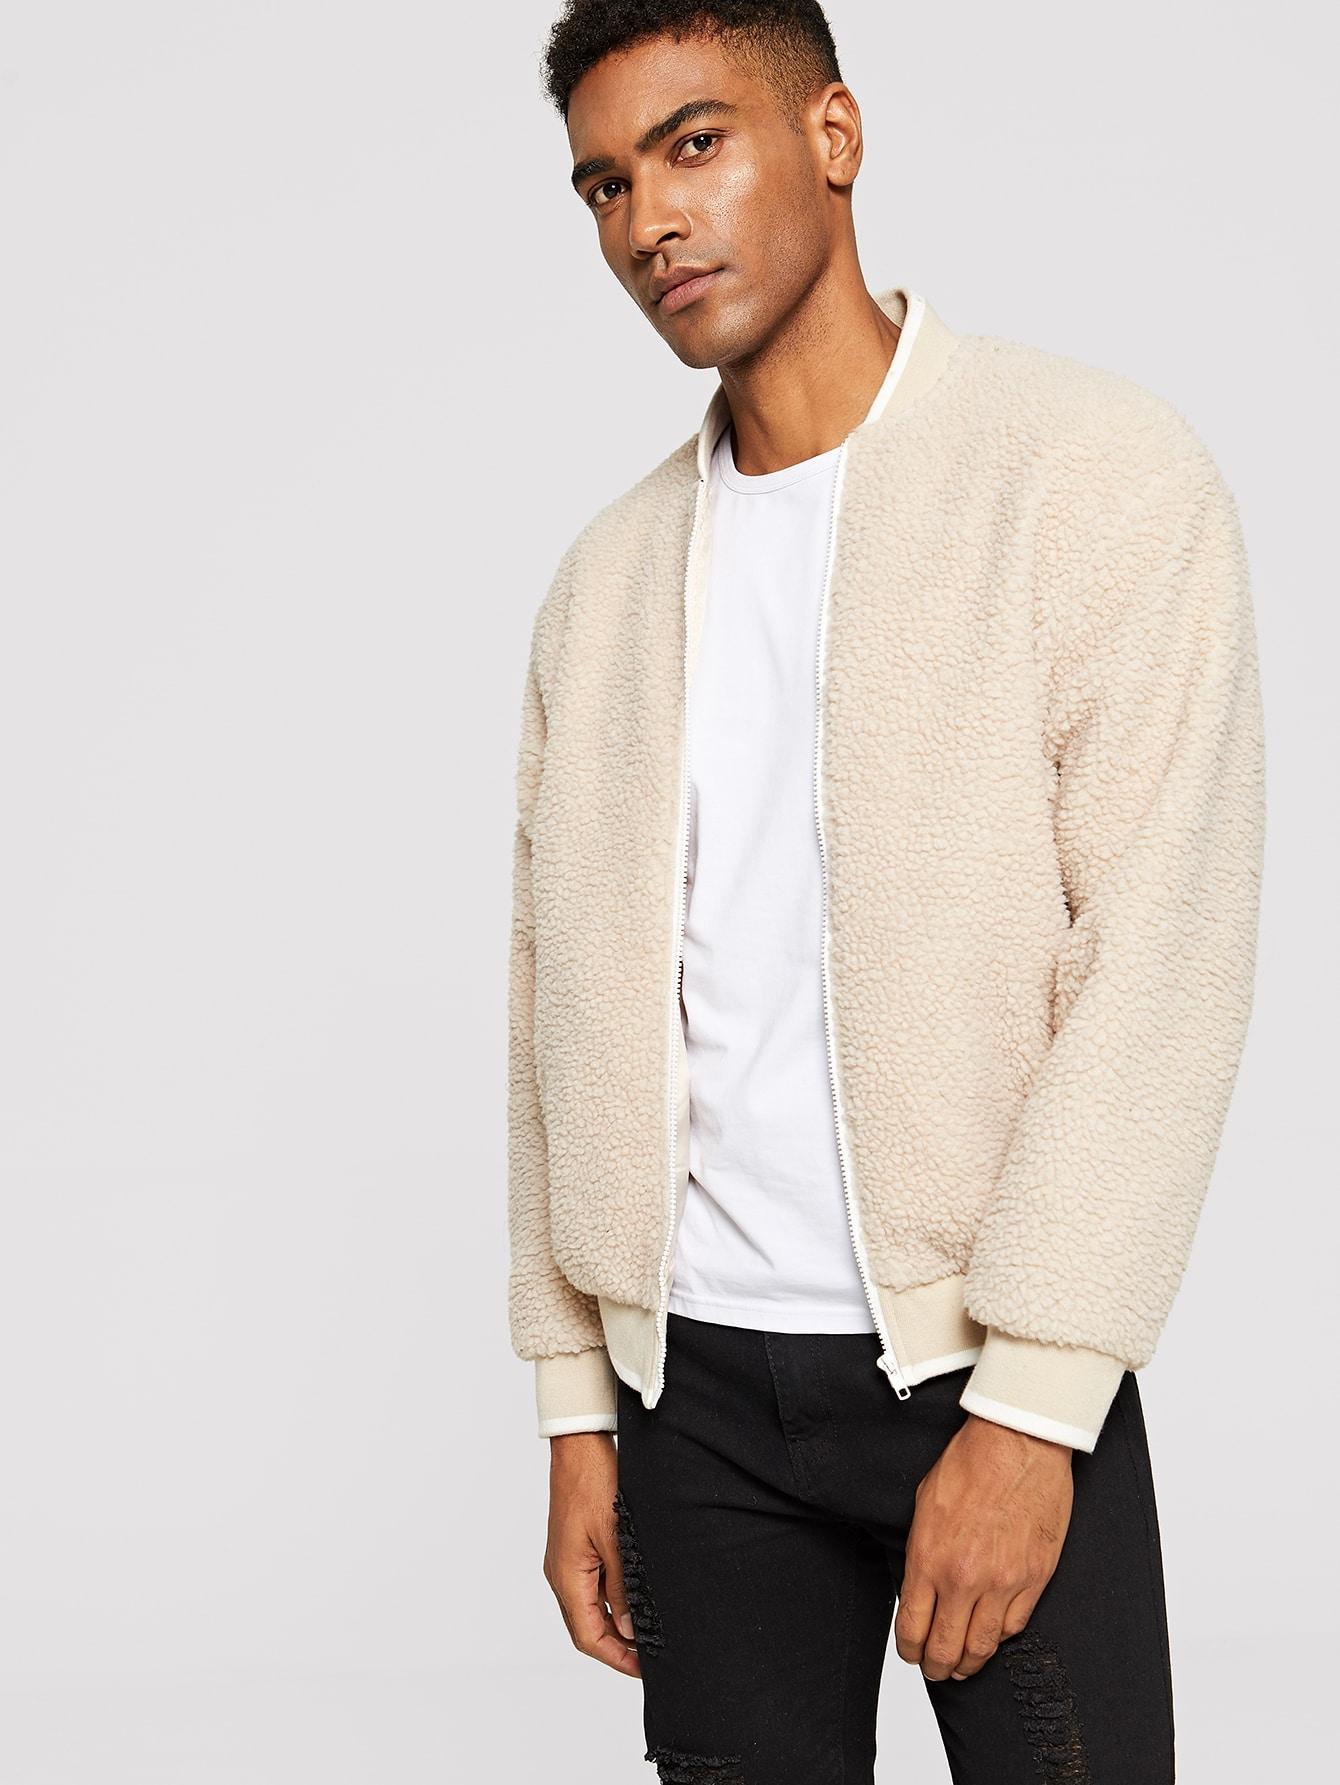 Купить Мужская пушистая куртка с молнией и карманом, Johnn Silva, SheIn